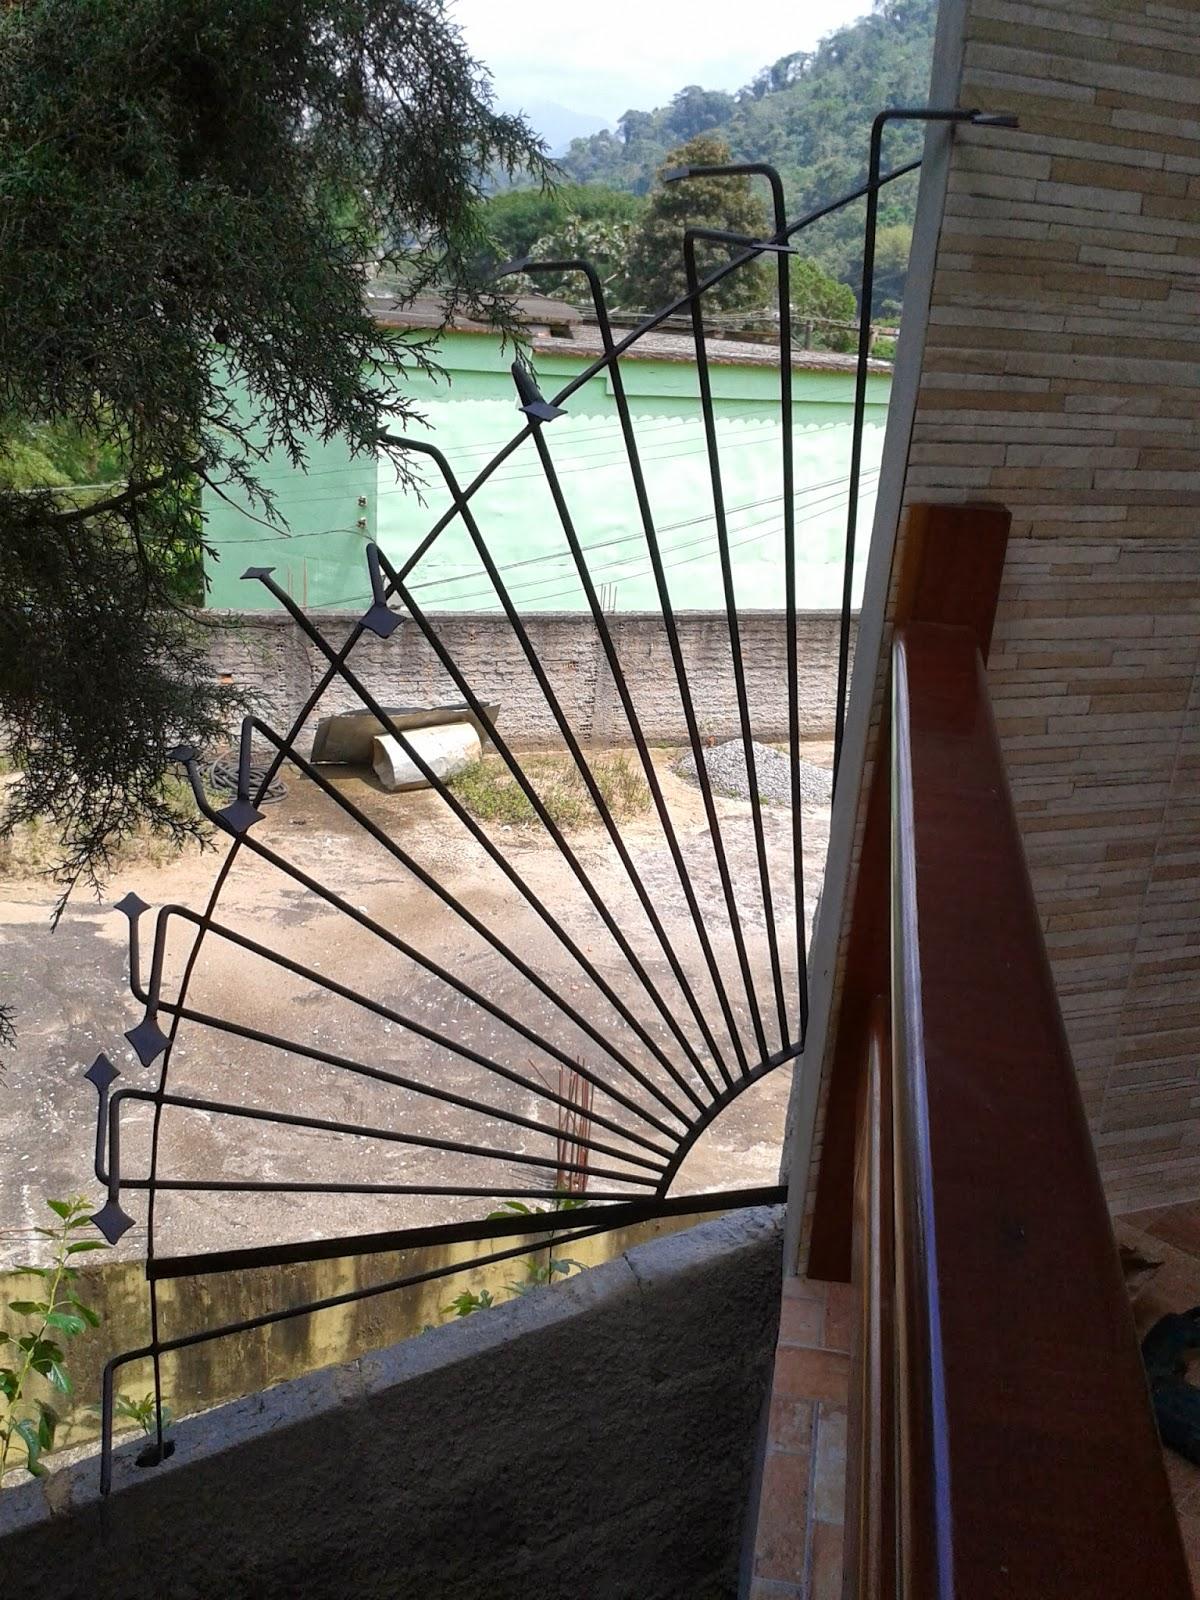 #4A8167  SERMAR: Grade de ferro em Arco com ponteiras para proteção de muro 566 Janelas Em Arco De Ferro